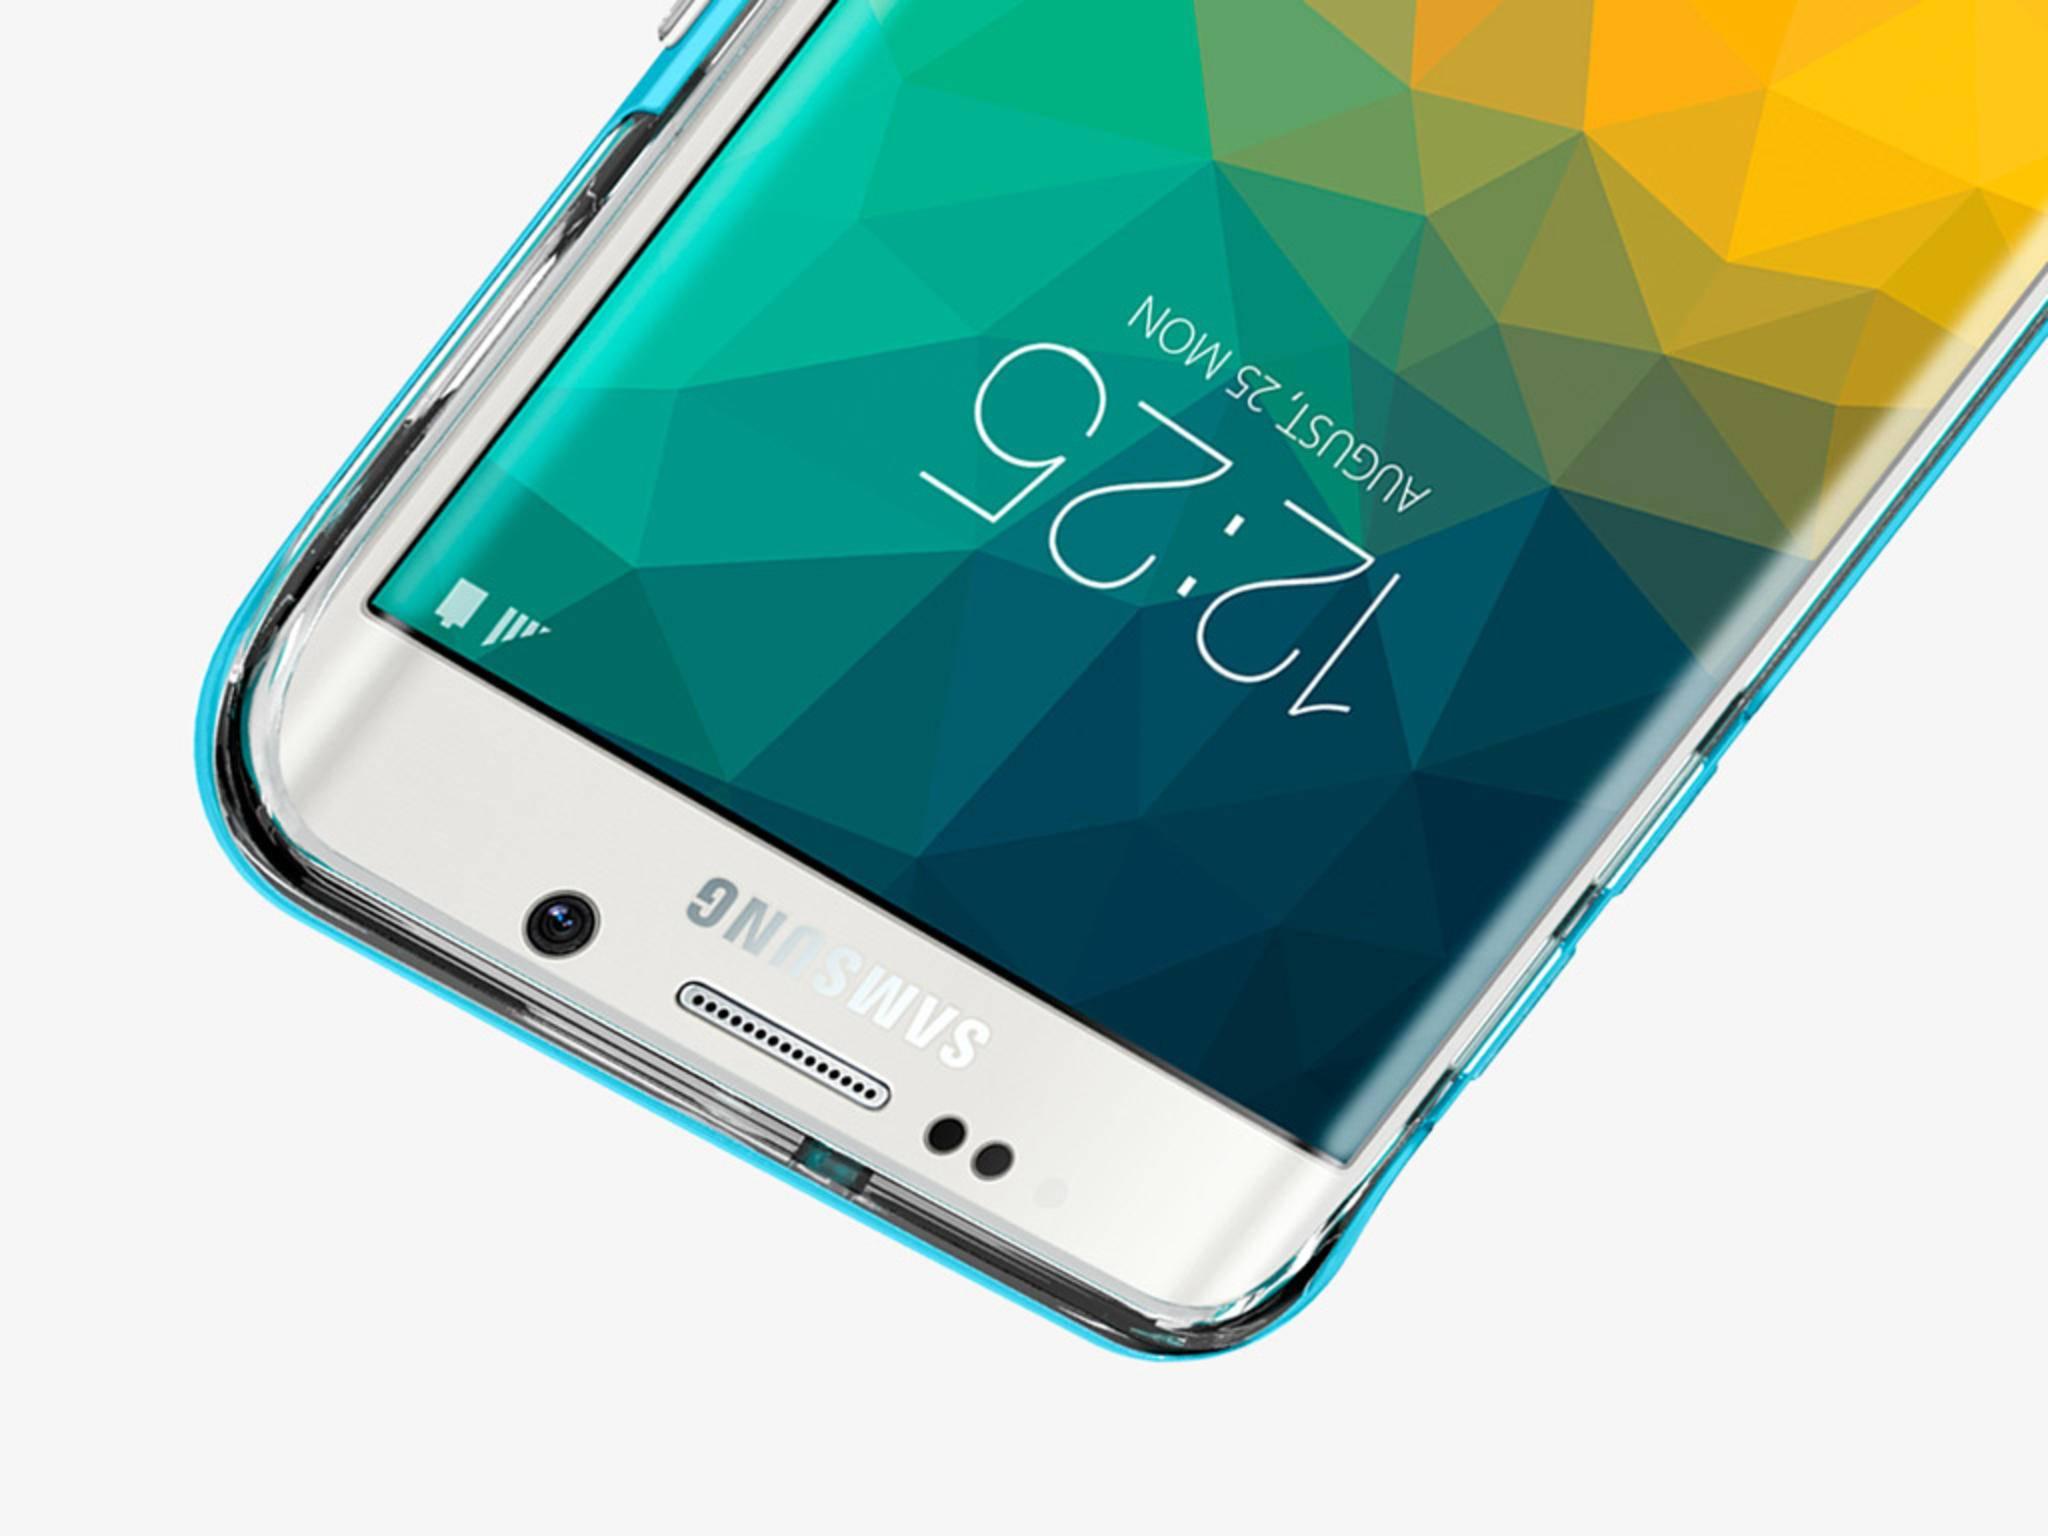 Case-Bilder zeigen das Galaxy S6 Edge+, das wohl am 13. August auf einem Unpacked-Event enthüllt wird.